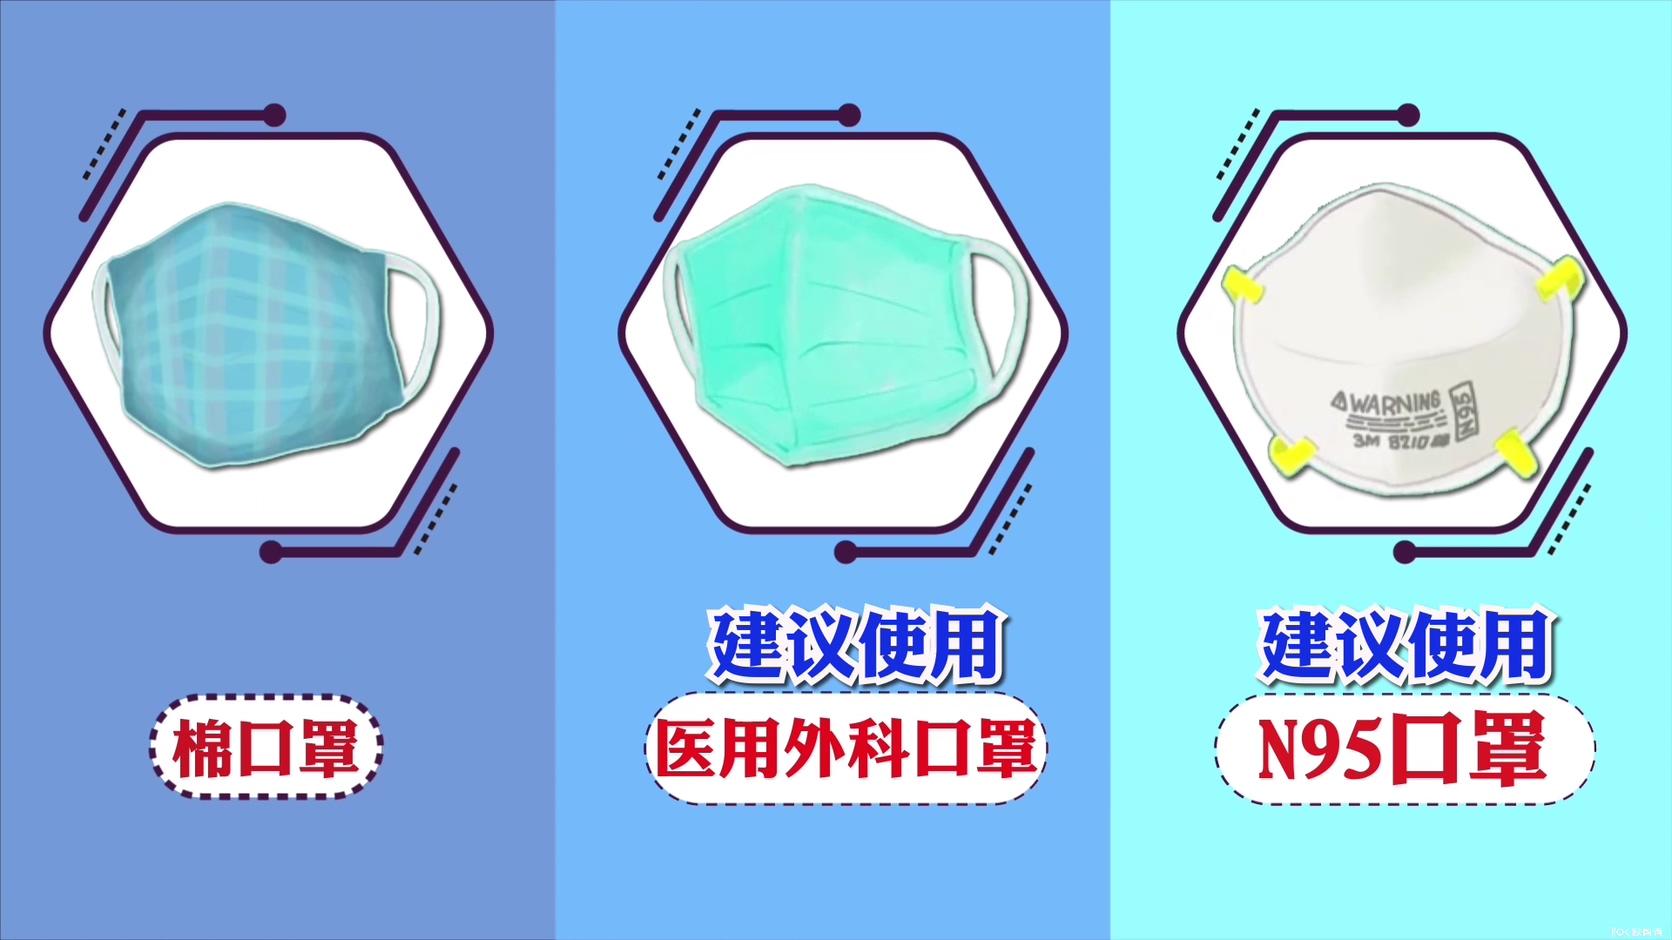 防护病毒-带口罩篇(剪去片尾)视频素材